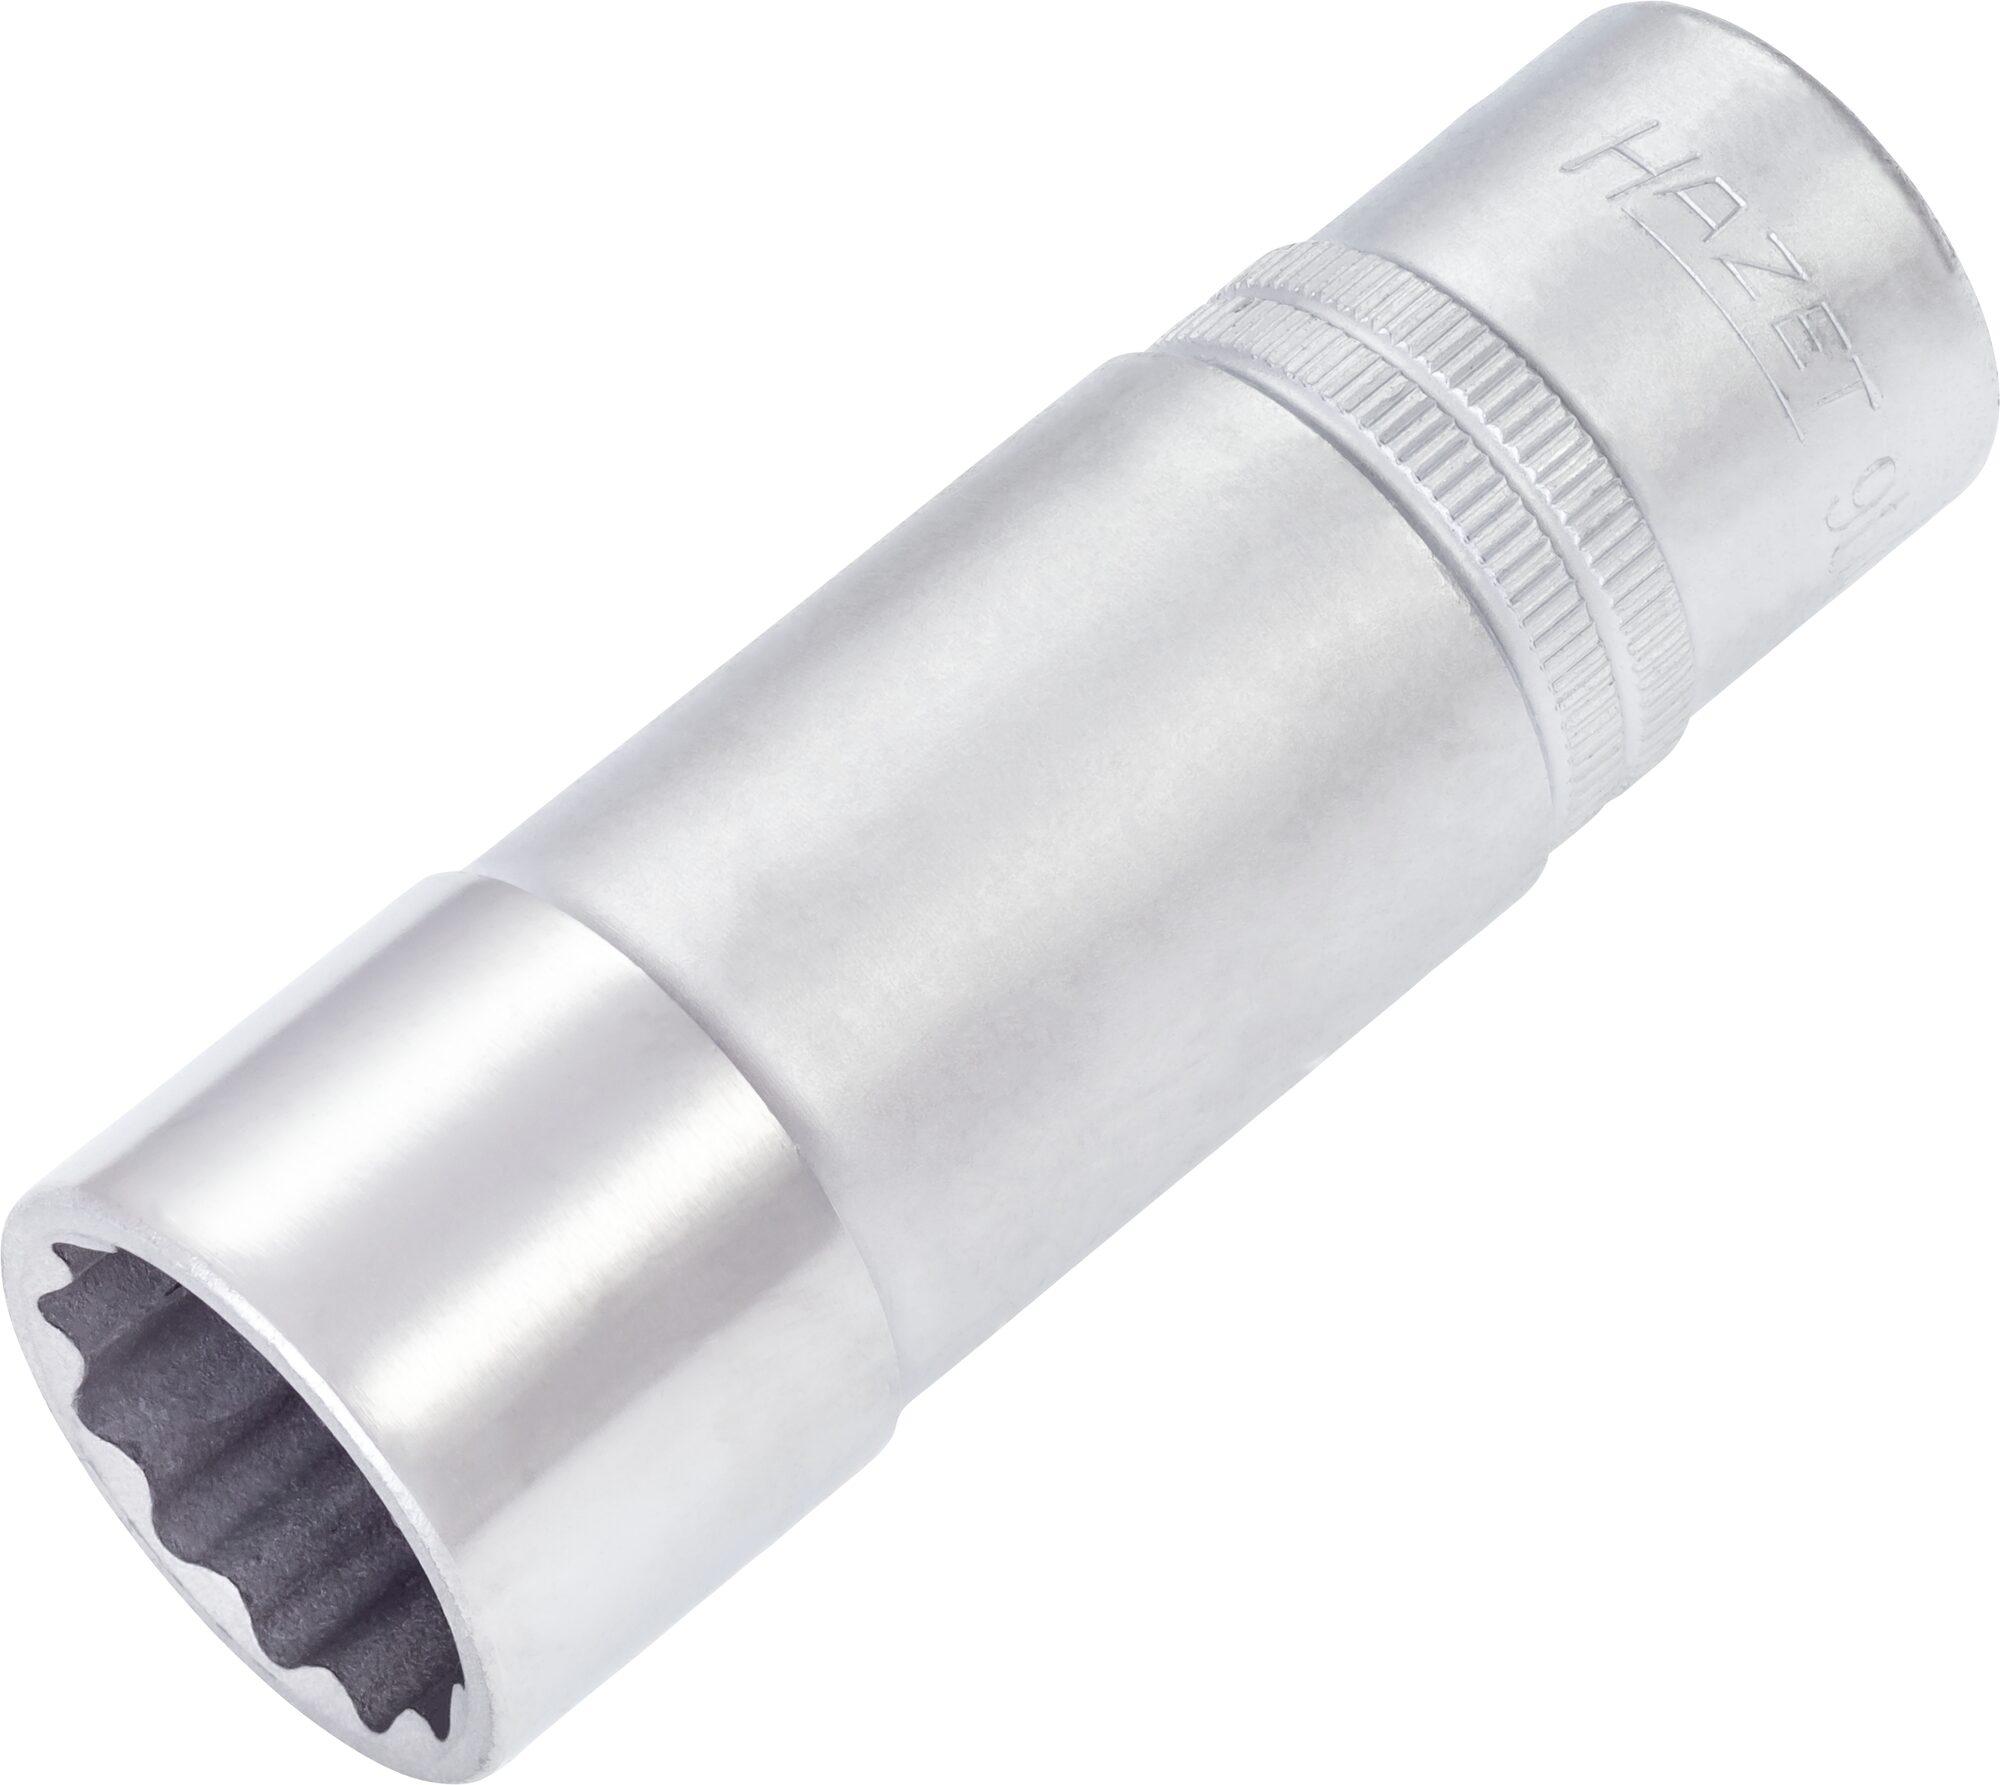 HAZET Steckschlüsseleinsatz ∙ Doppelsechskant 900TZ-20.8-13/16 ∙ Vierkant hohl 12,5 mm (1/2 Zoll) ∙ 20.8 mm